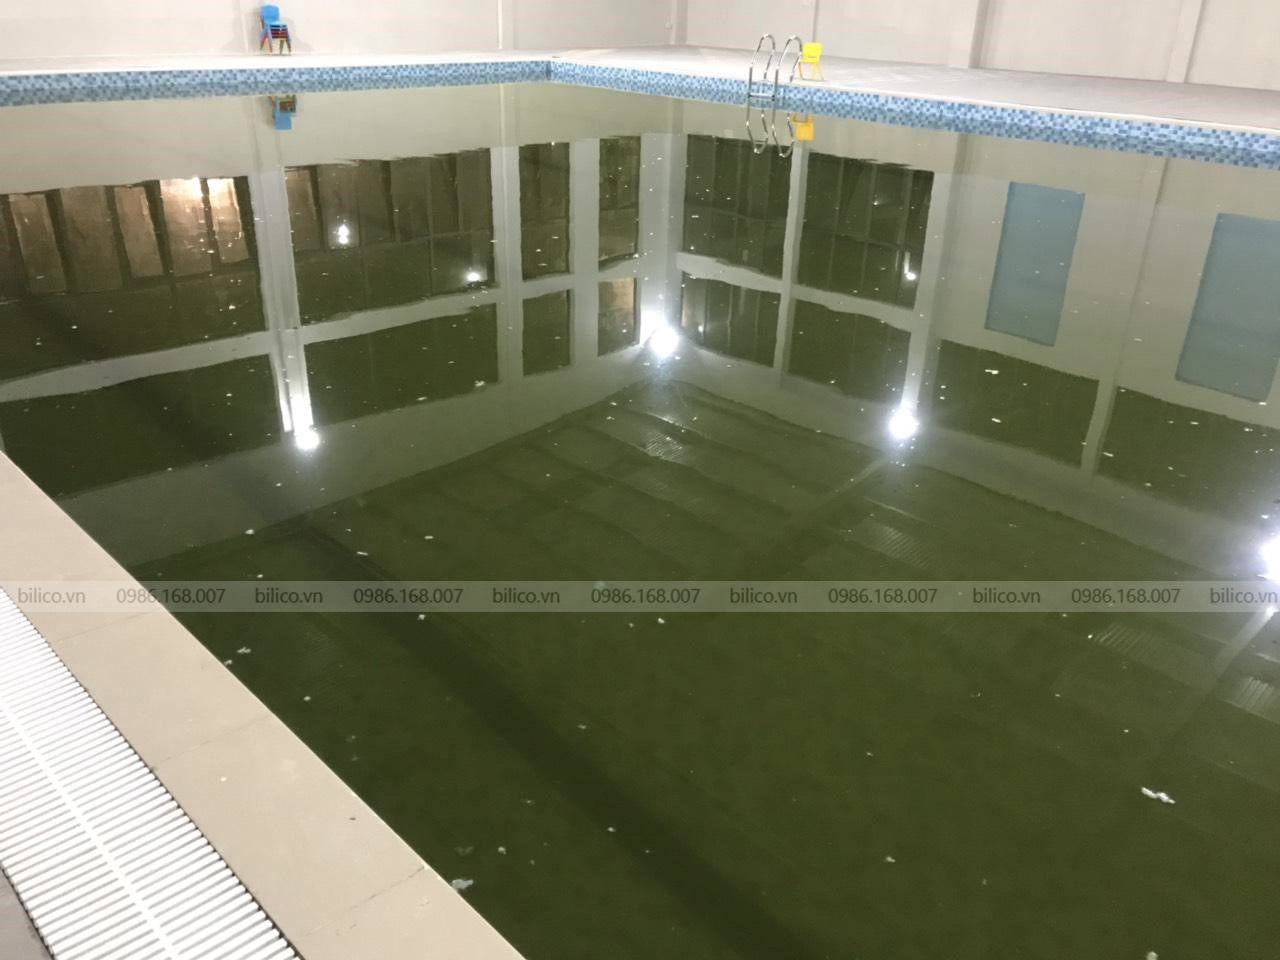 Ứng dụng của đồng bột CuSO4 trong xử lý nước bể bơi